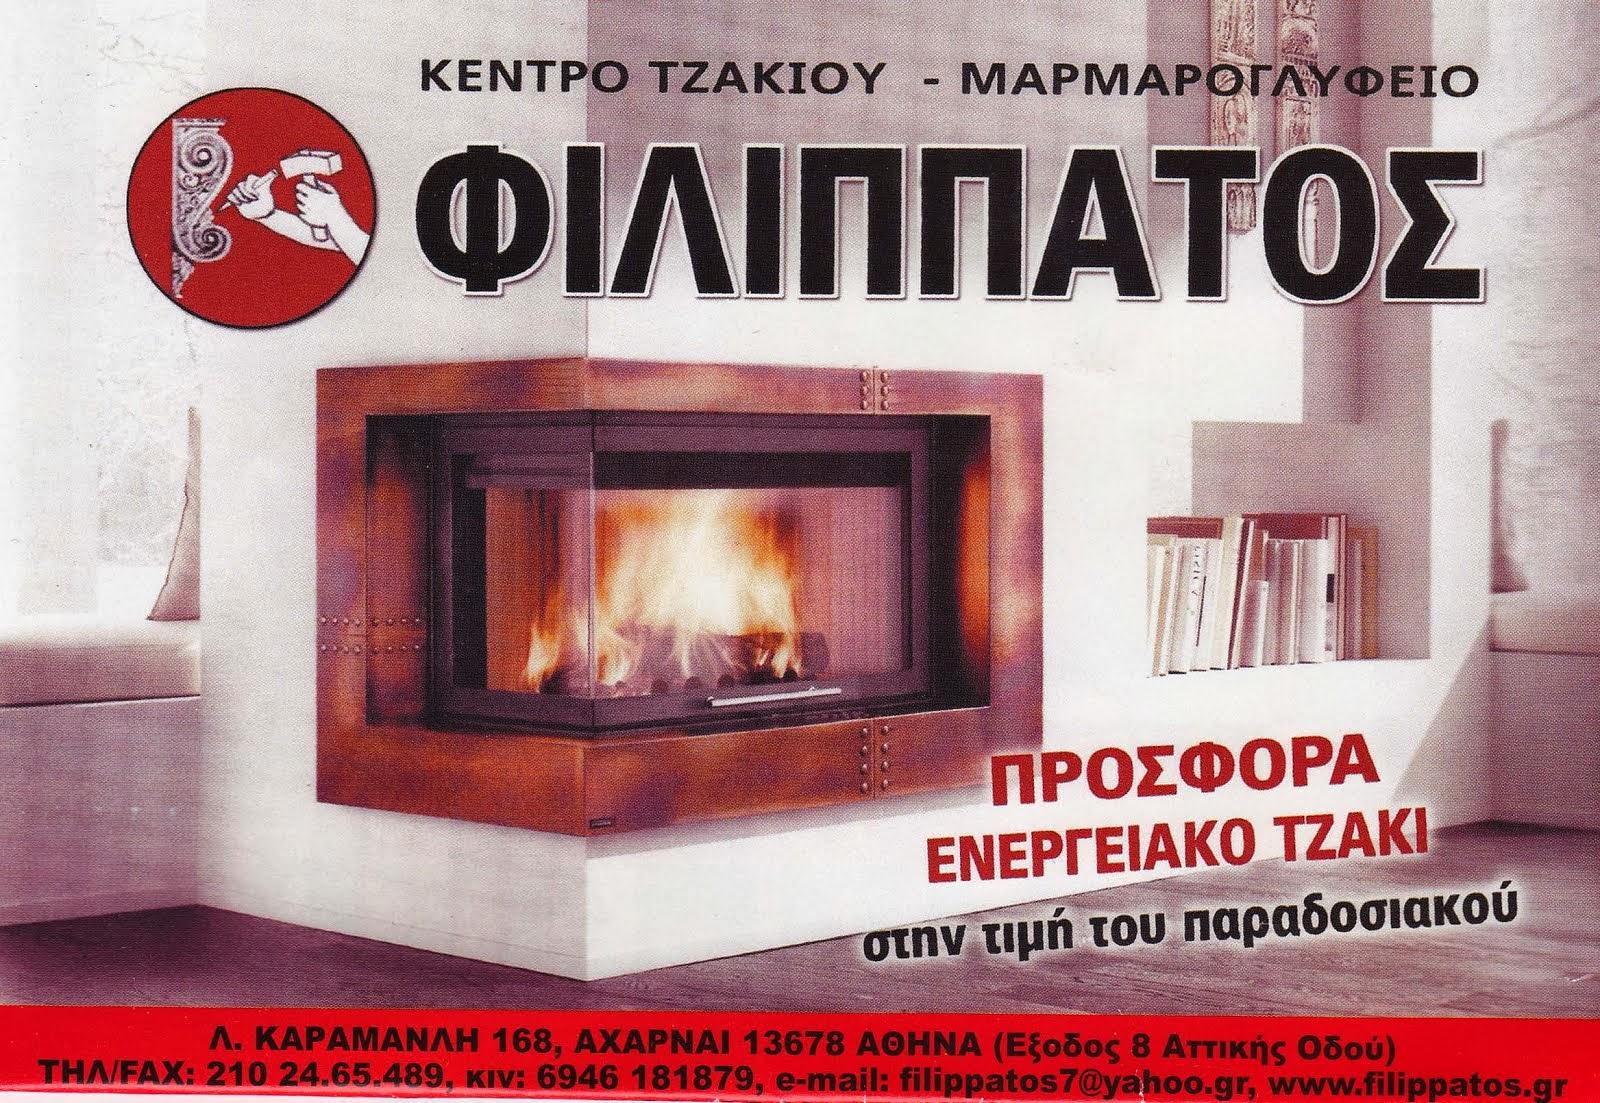 ΚΕΝΤΡΟ ΤΖΑΚΙΟΥ - ΜΑΡΜΑΡΟΓΛΥΦΕΙΟ